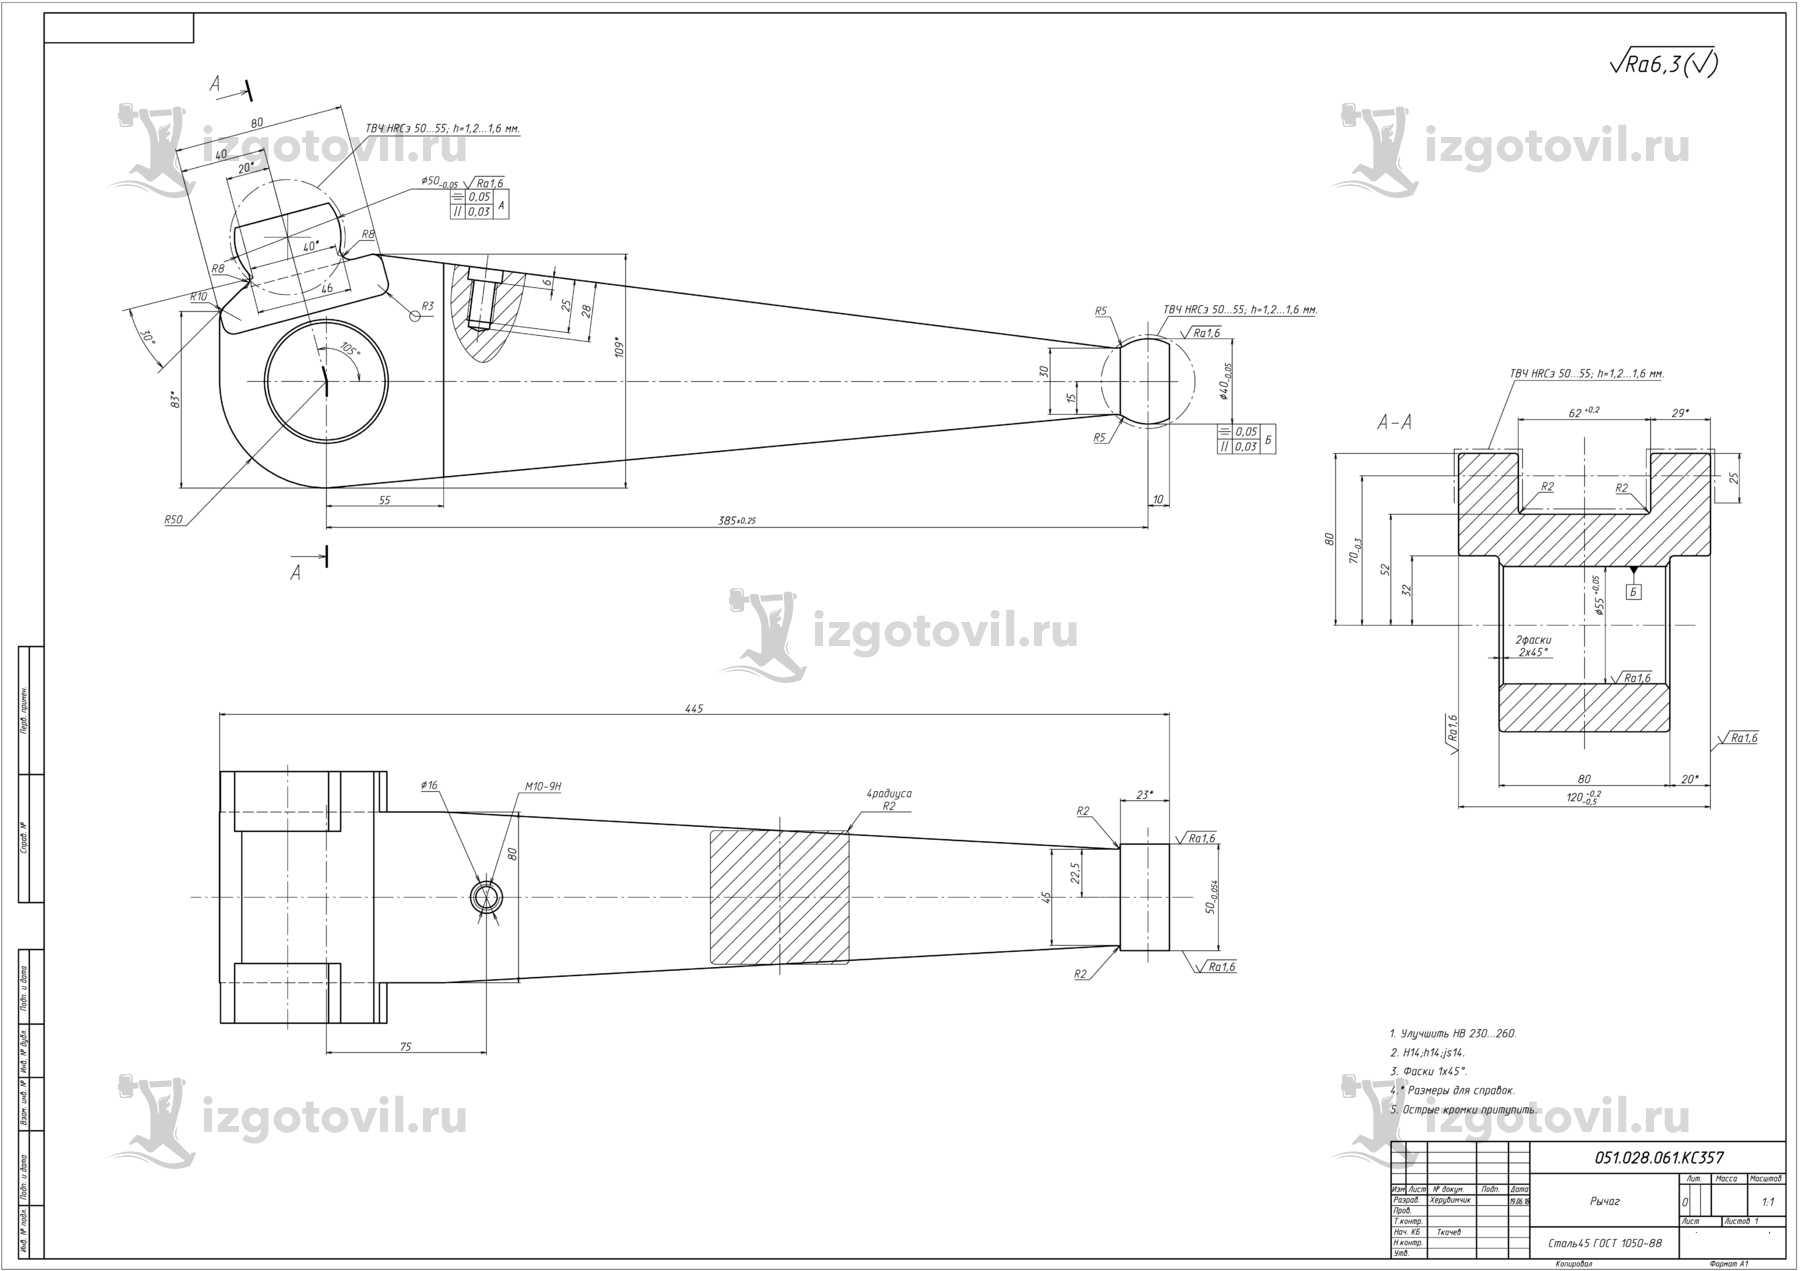 Изготовление деталей оборудования (рычаги для станка КС-357)